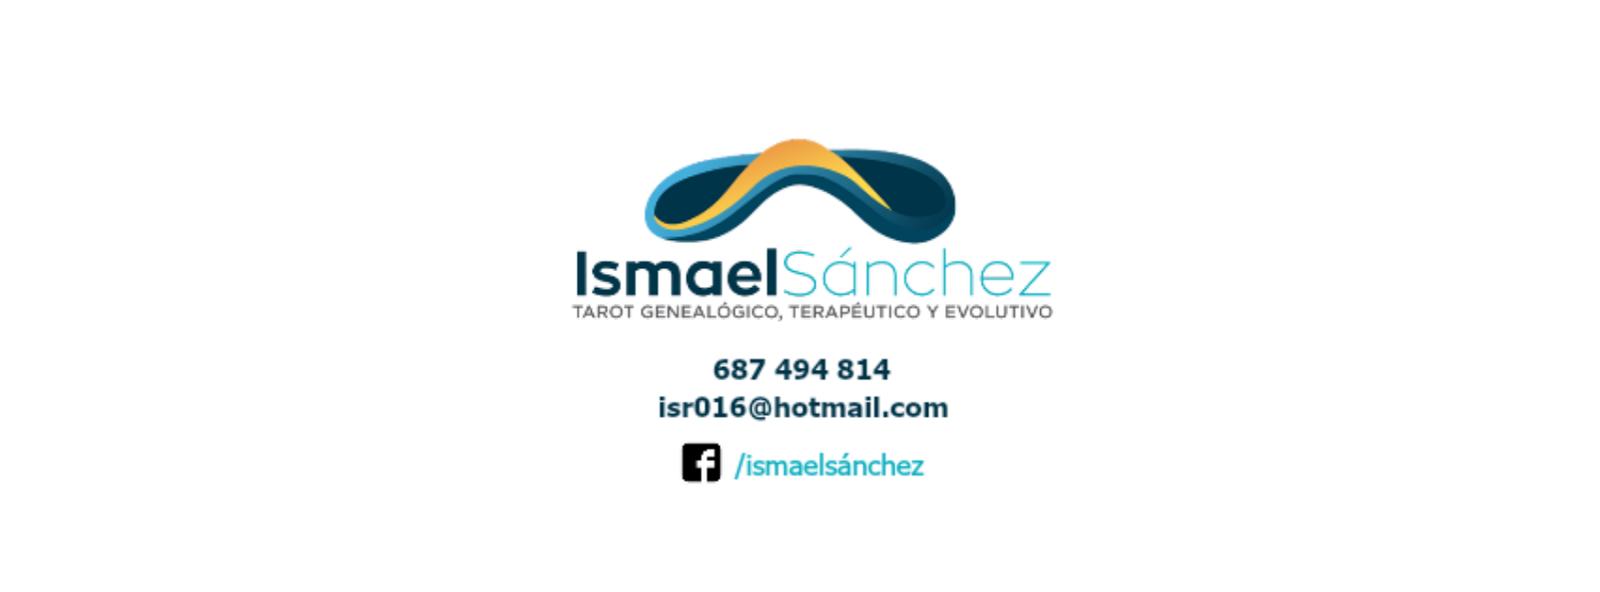 Sigue en Facebook las reflexiones que Ismael Sánchez comparte todas las semanas. NUTRE A TU SER!